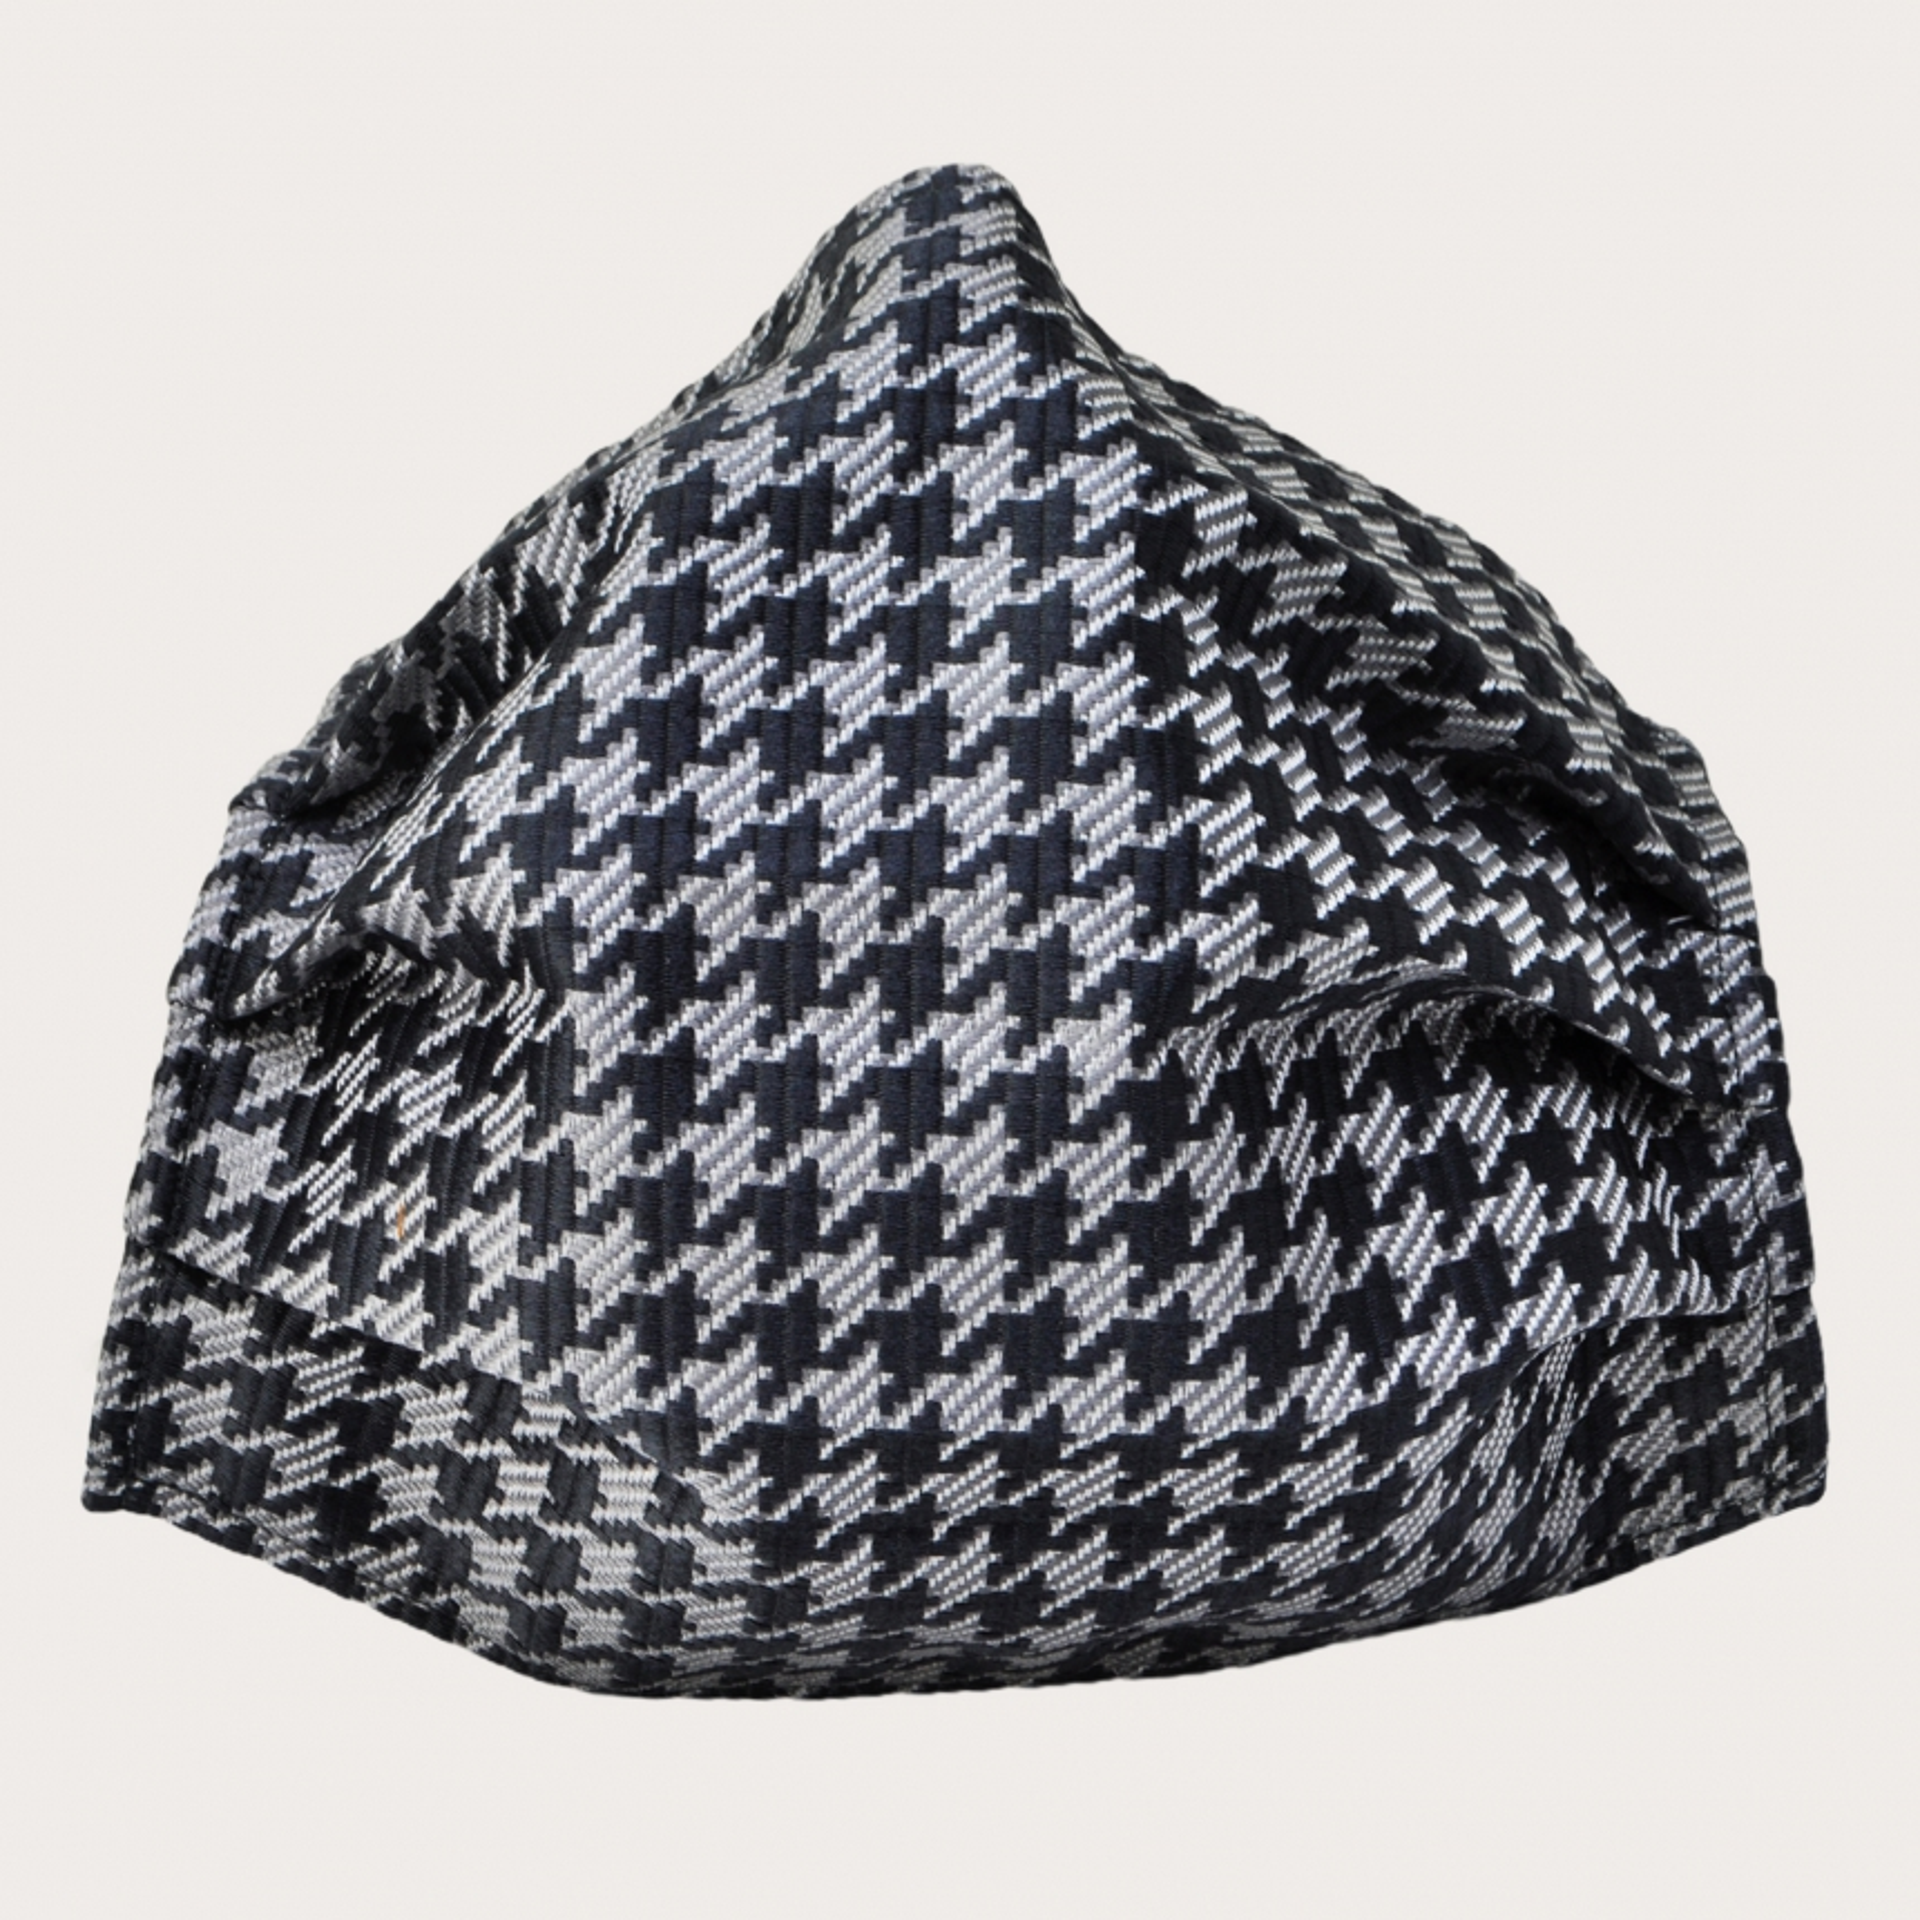 Silk protective facemask, black pied de poule